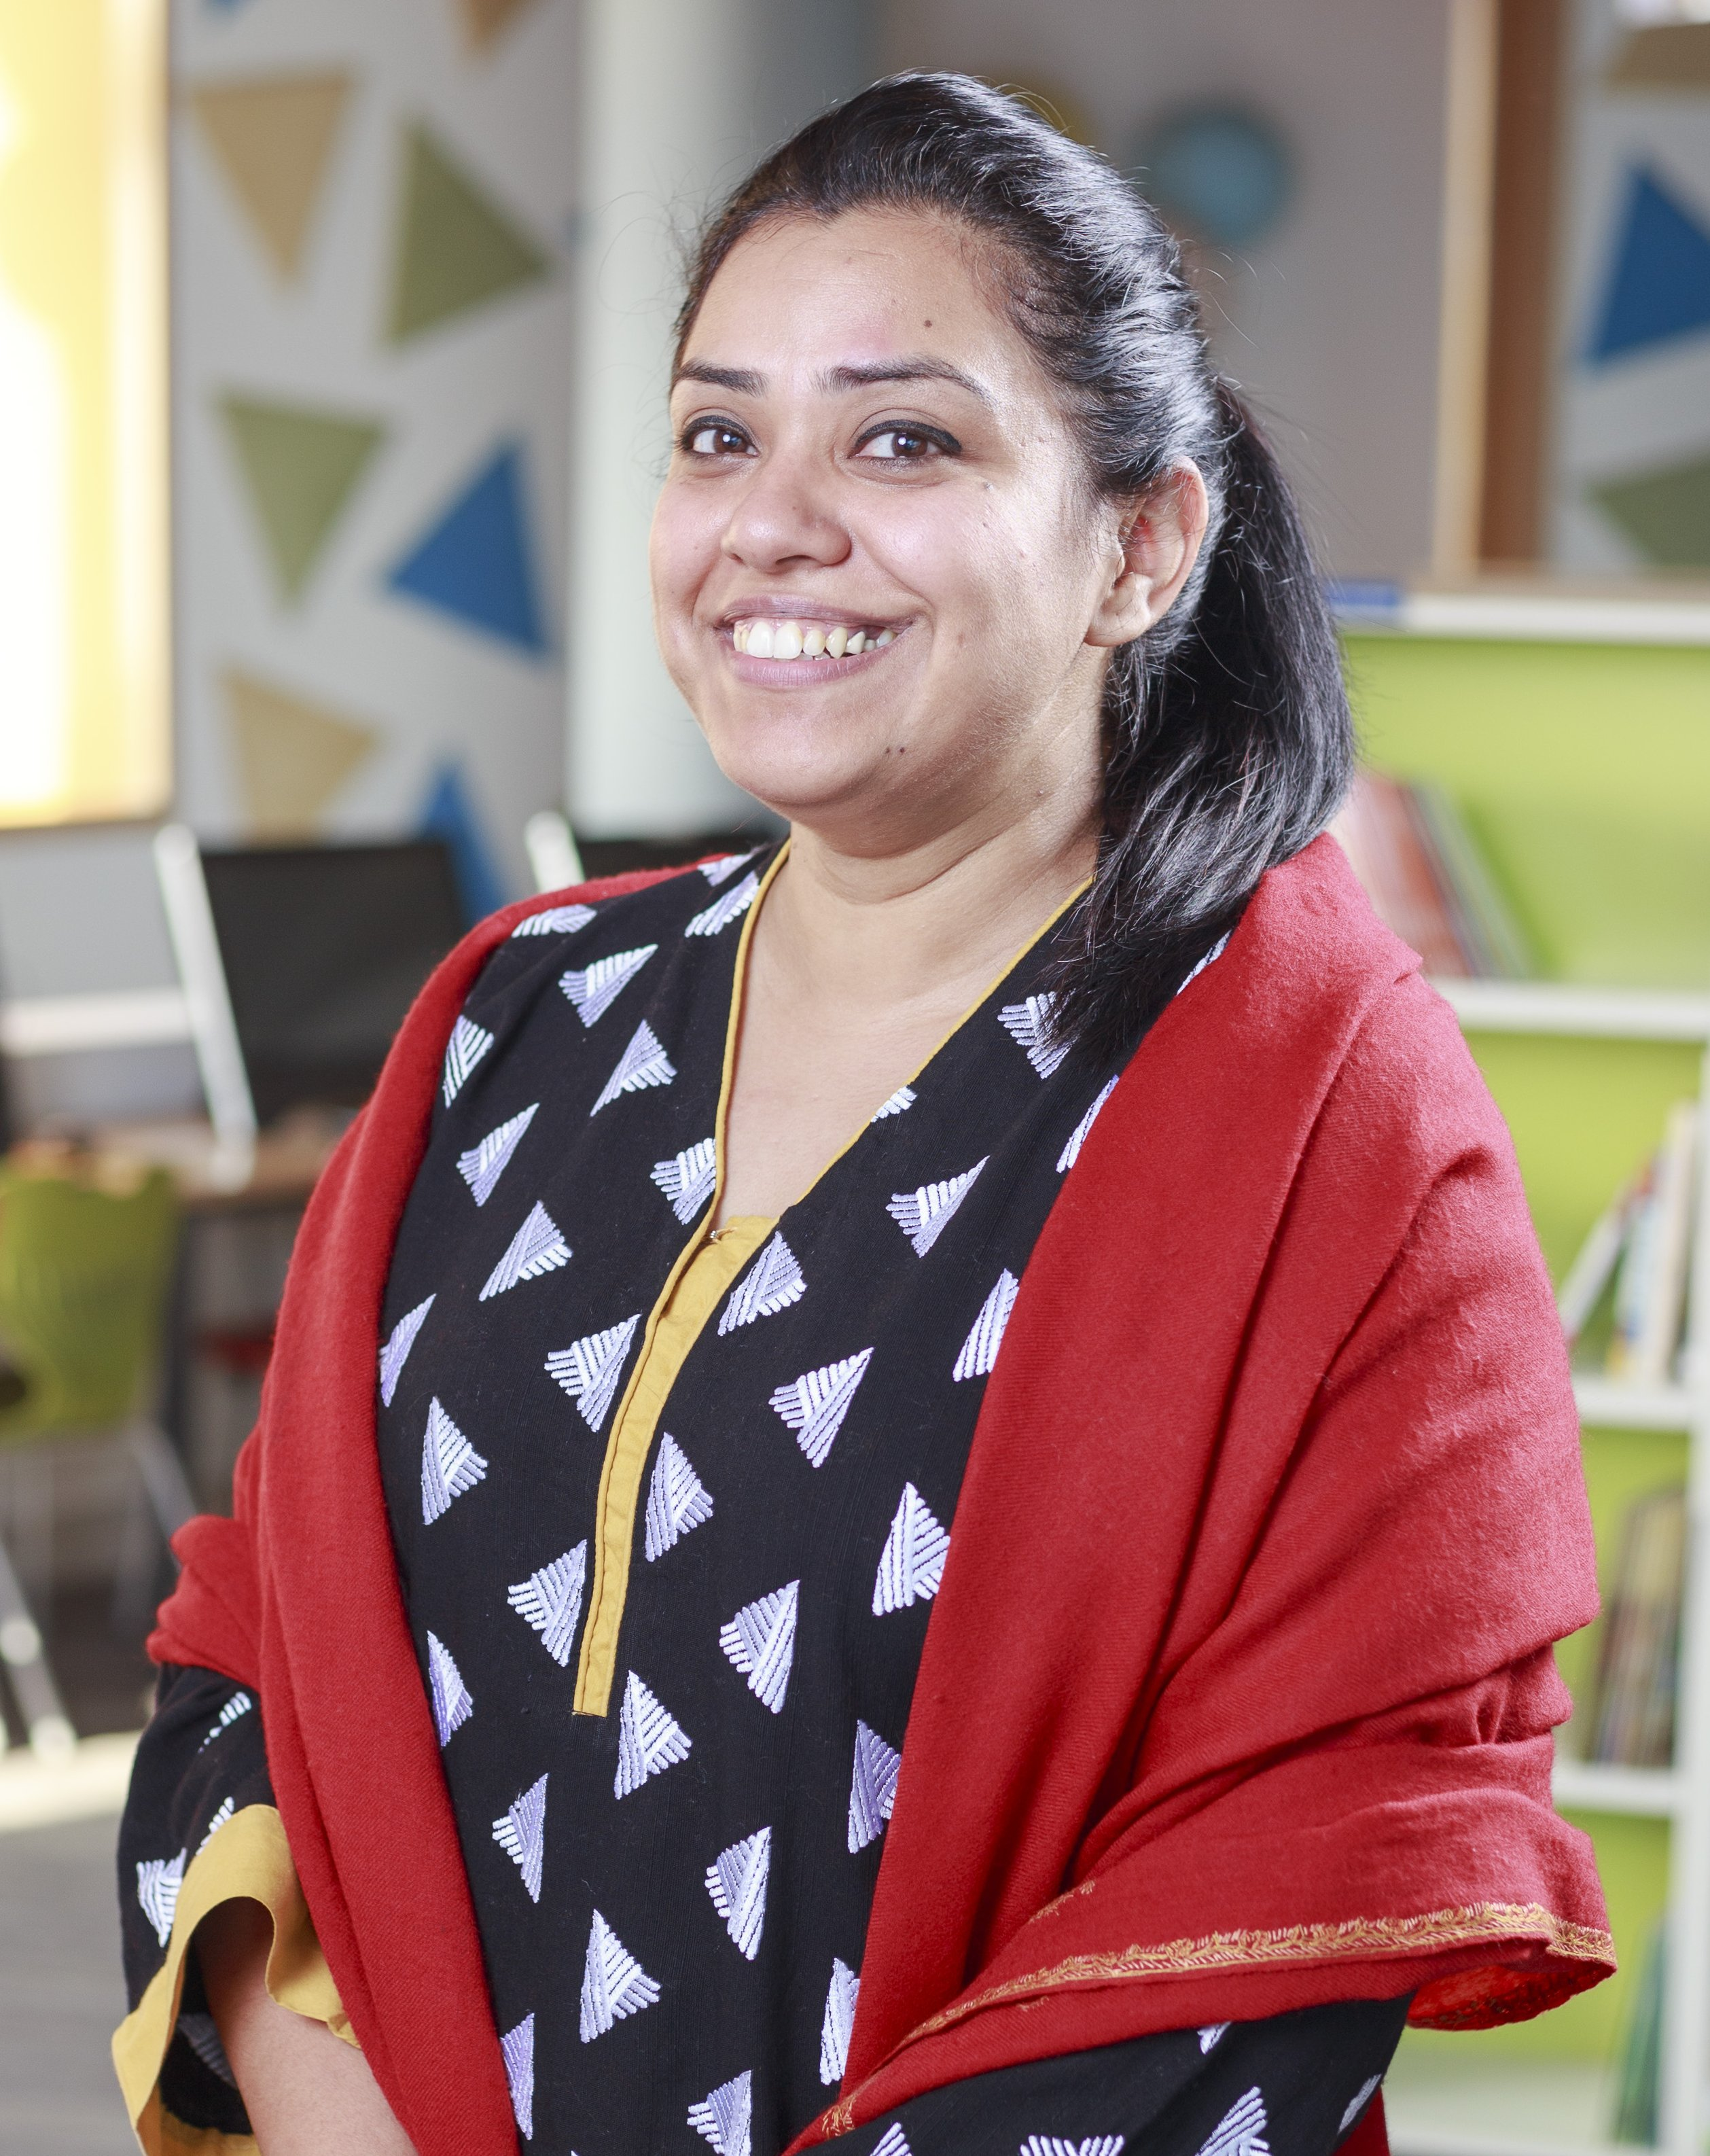 Zahra Khan